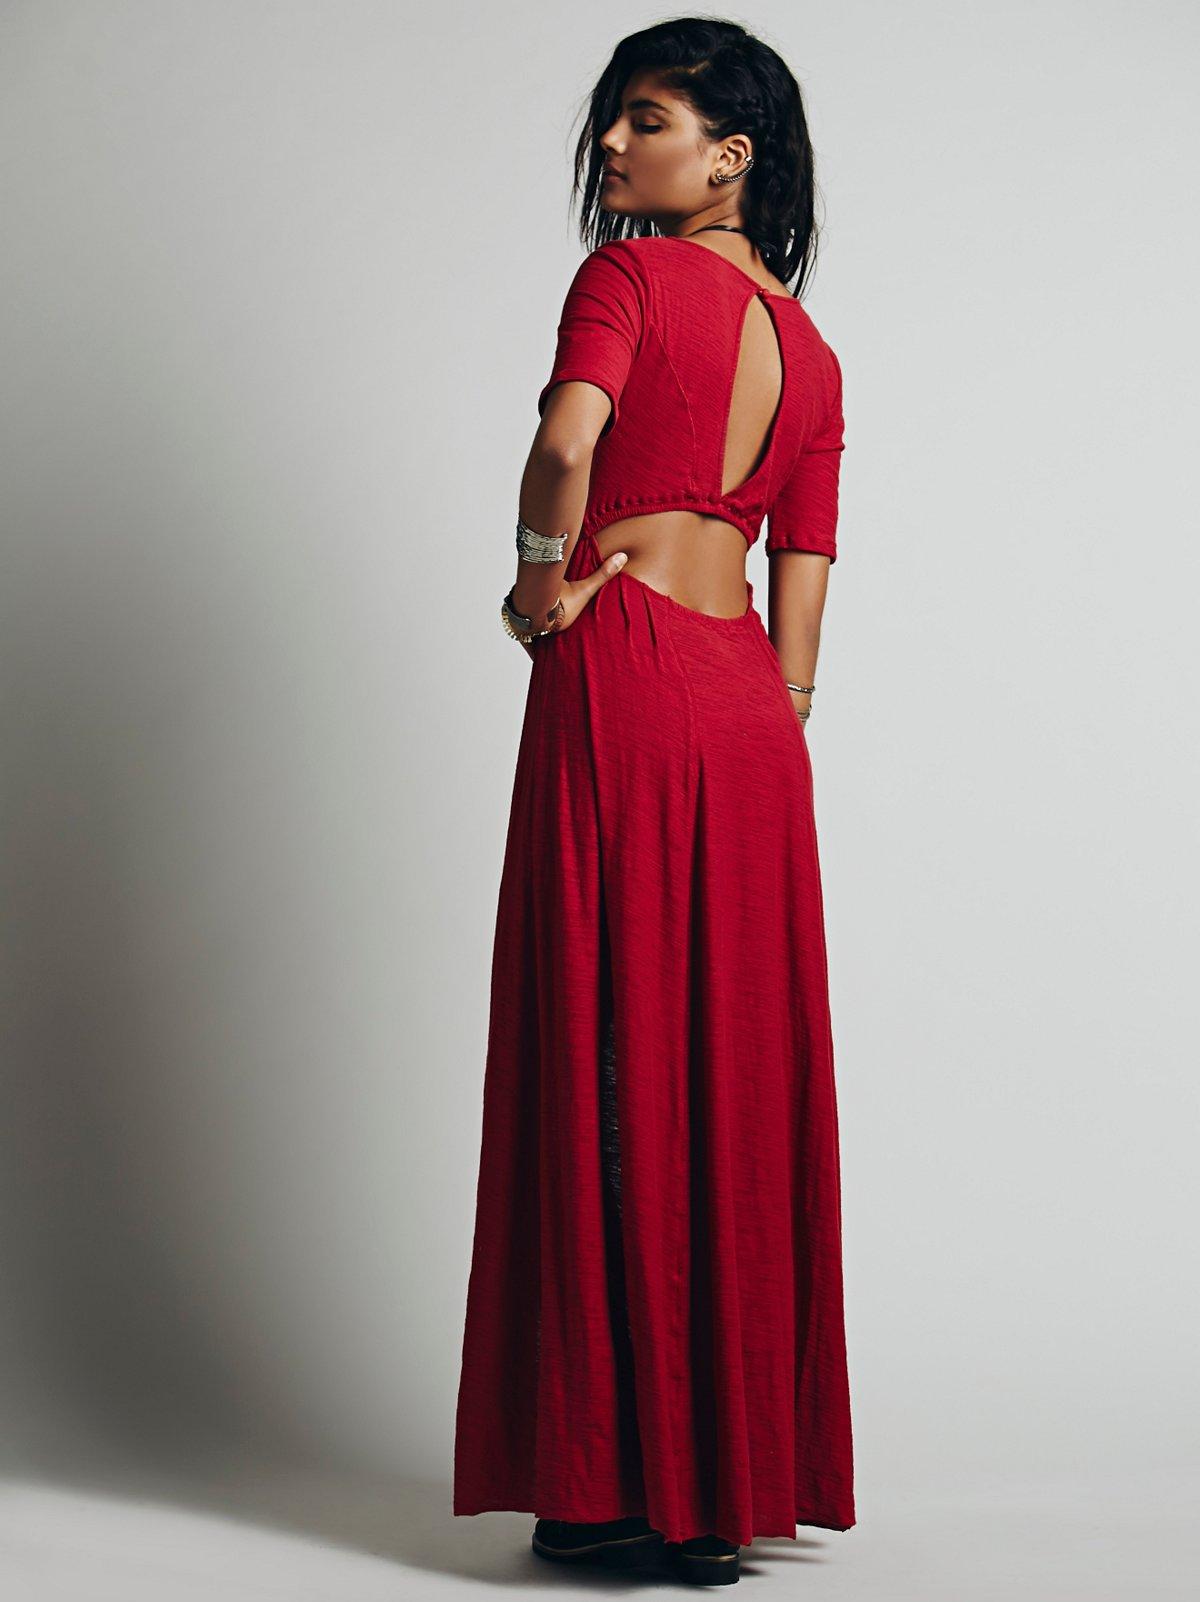 Sunlit Gown Maxi